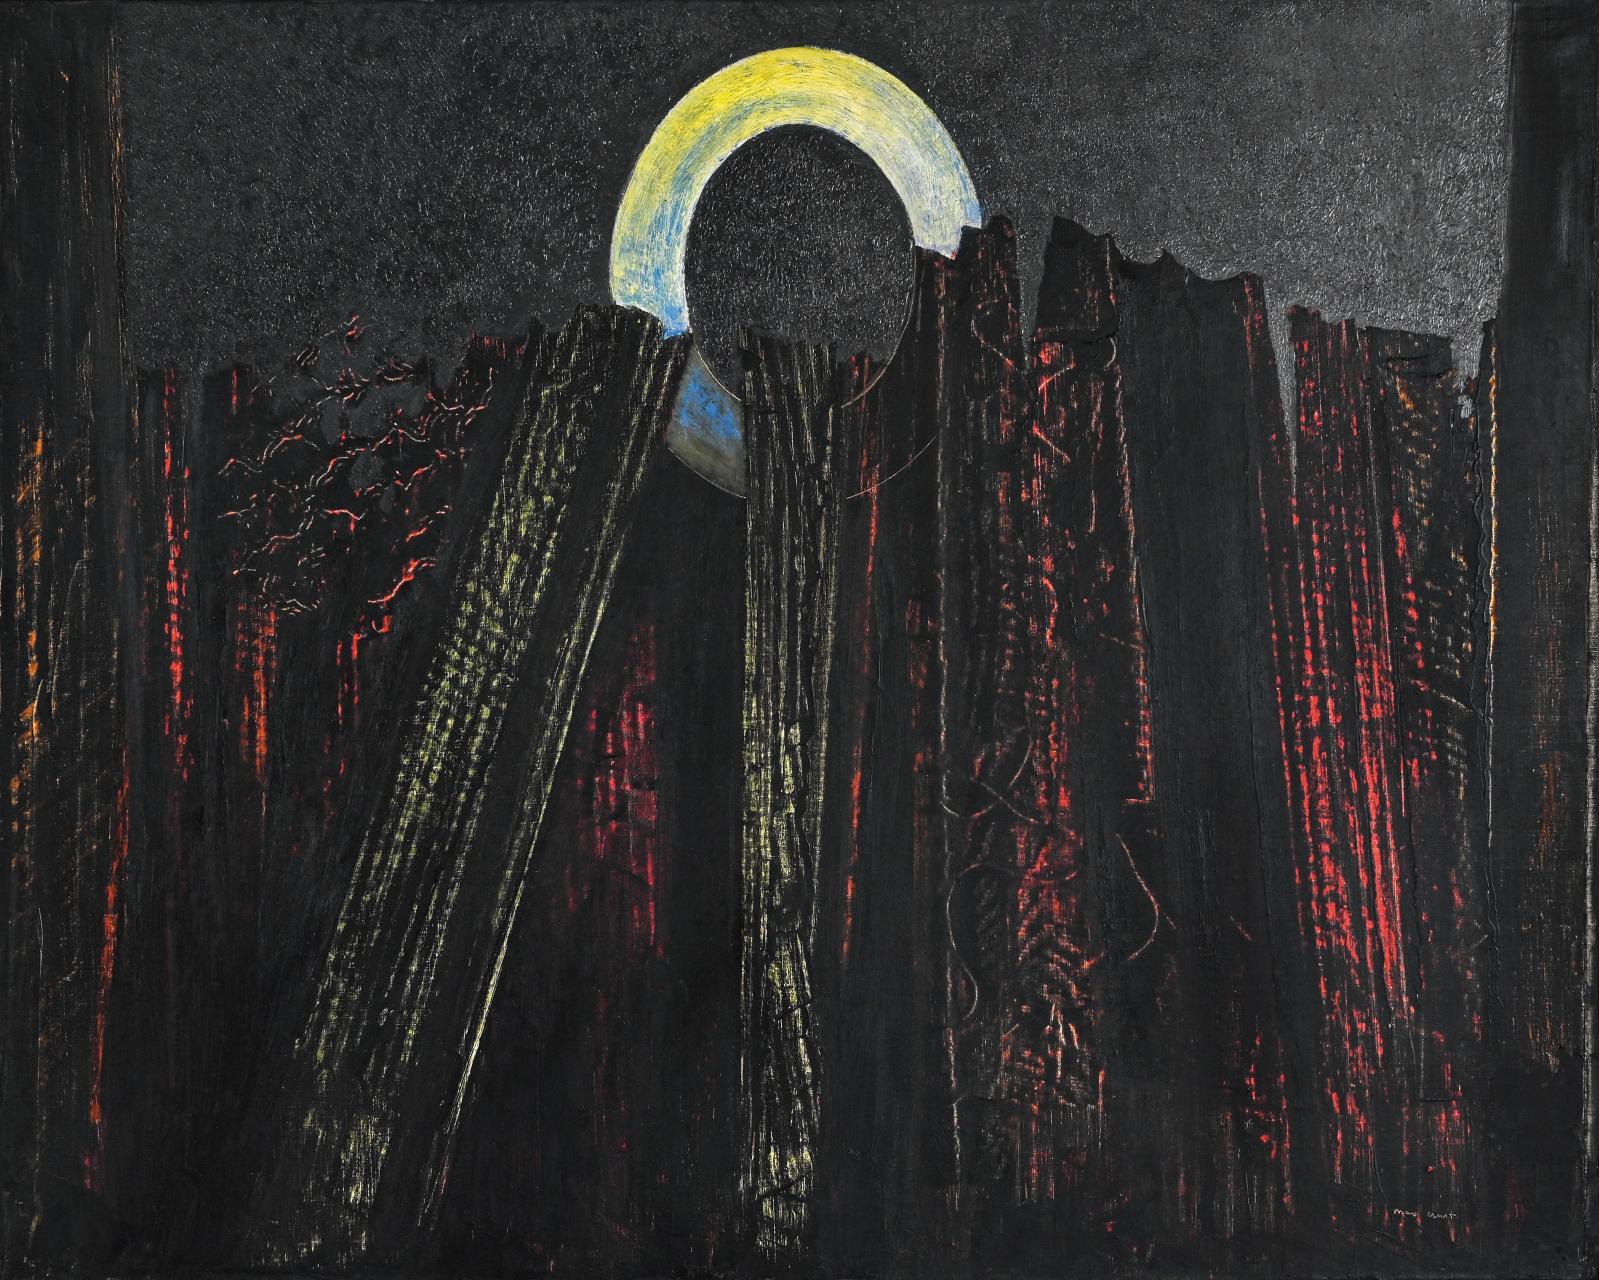 Max Ernst (1891-1976), Forêt, 1927, huile sur toile, 65x81cm. Paris, Drouot, 20 novembre 2020. De Baecque & Associés OVV. Adjugé: 134